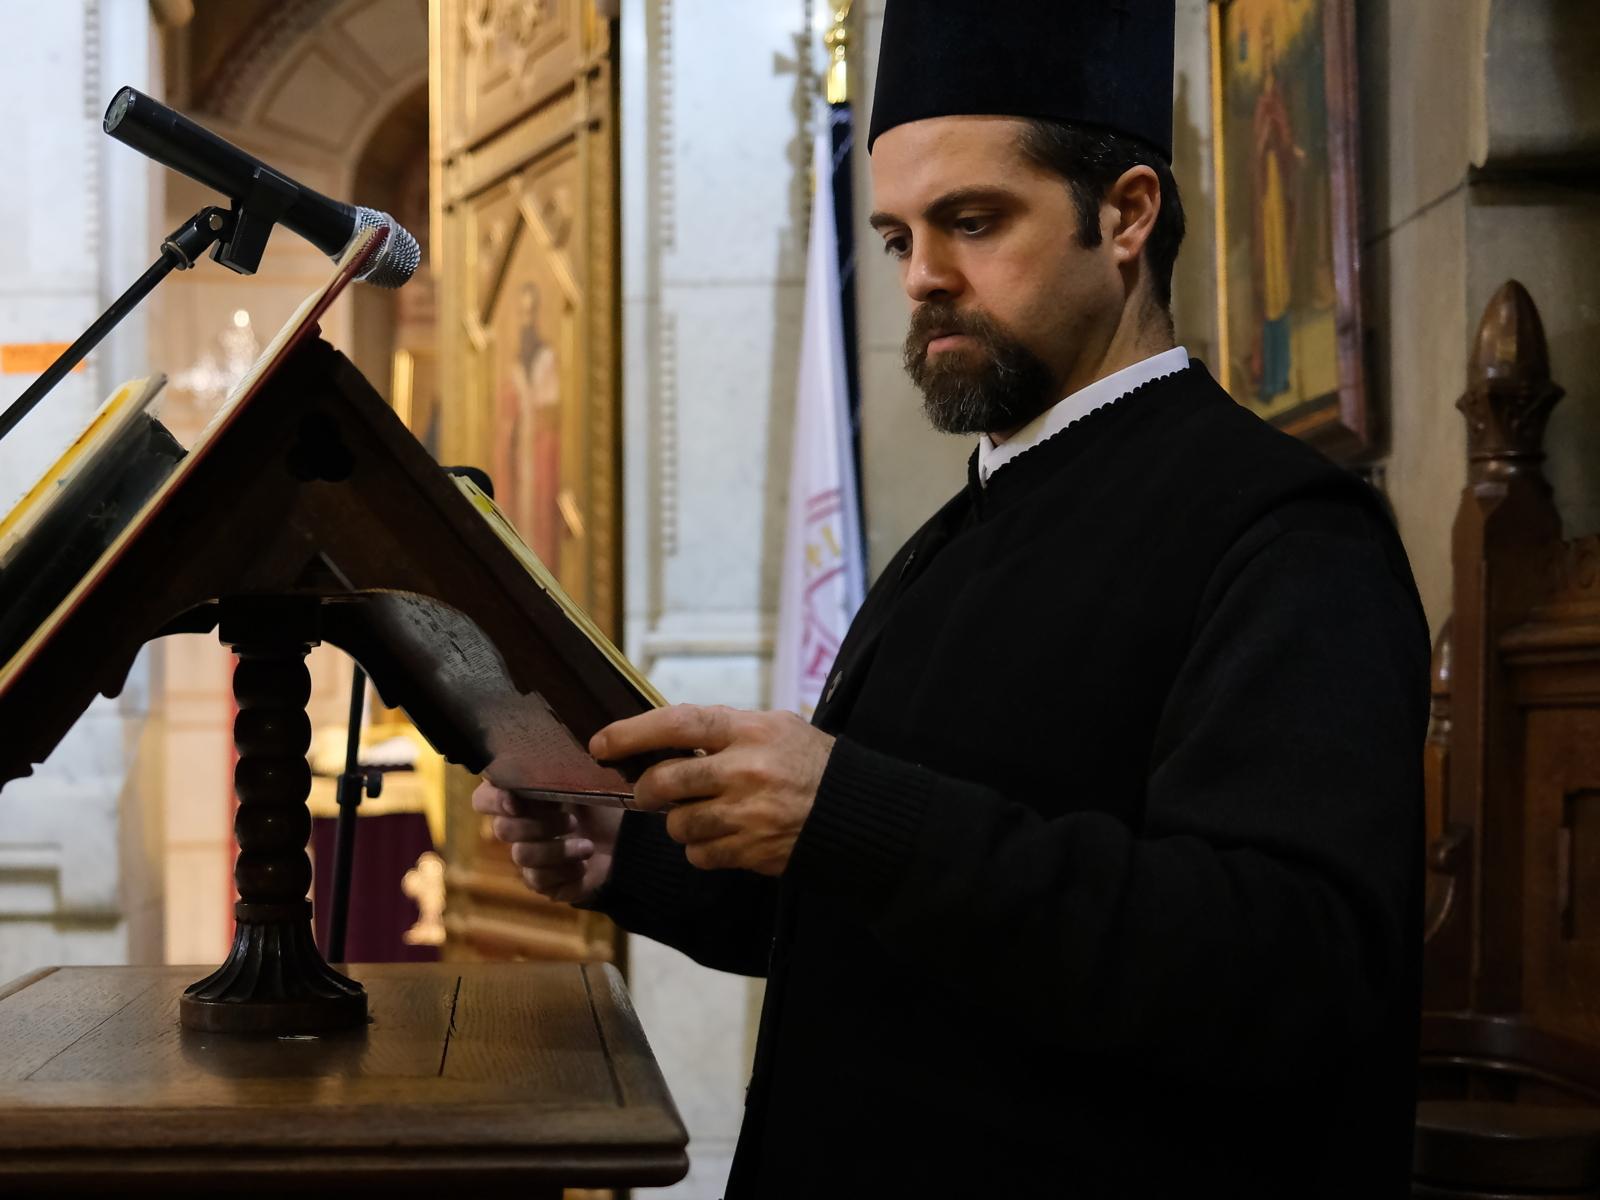 4  - Ο Ευαγγελισμός της Θεοτόκου στο Παρίσι (φωτο)